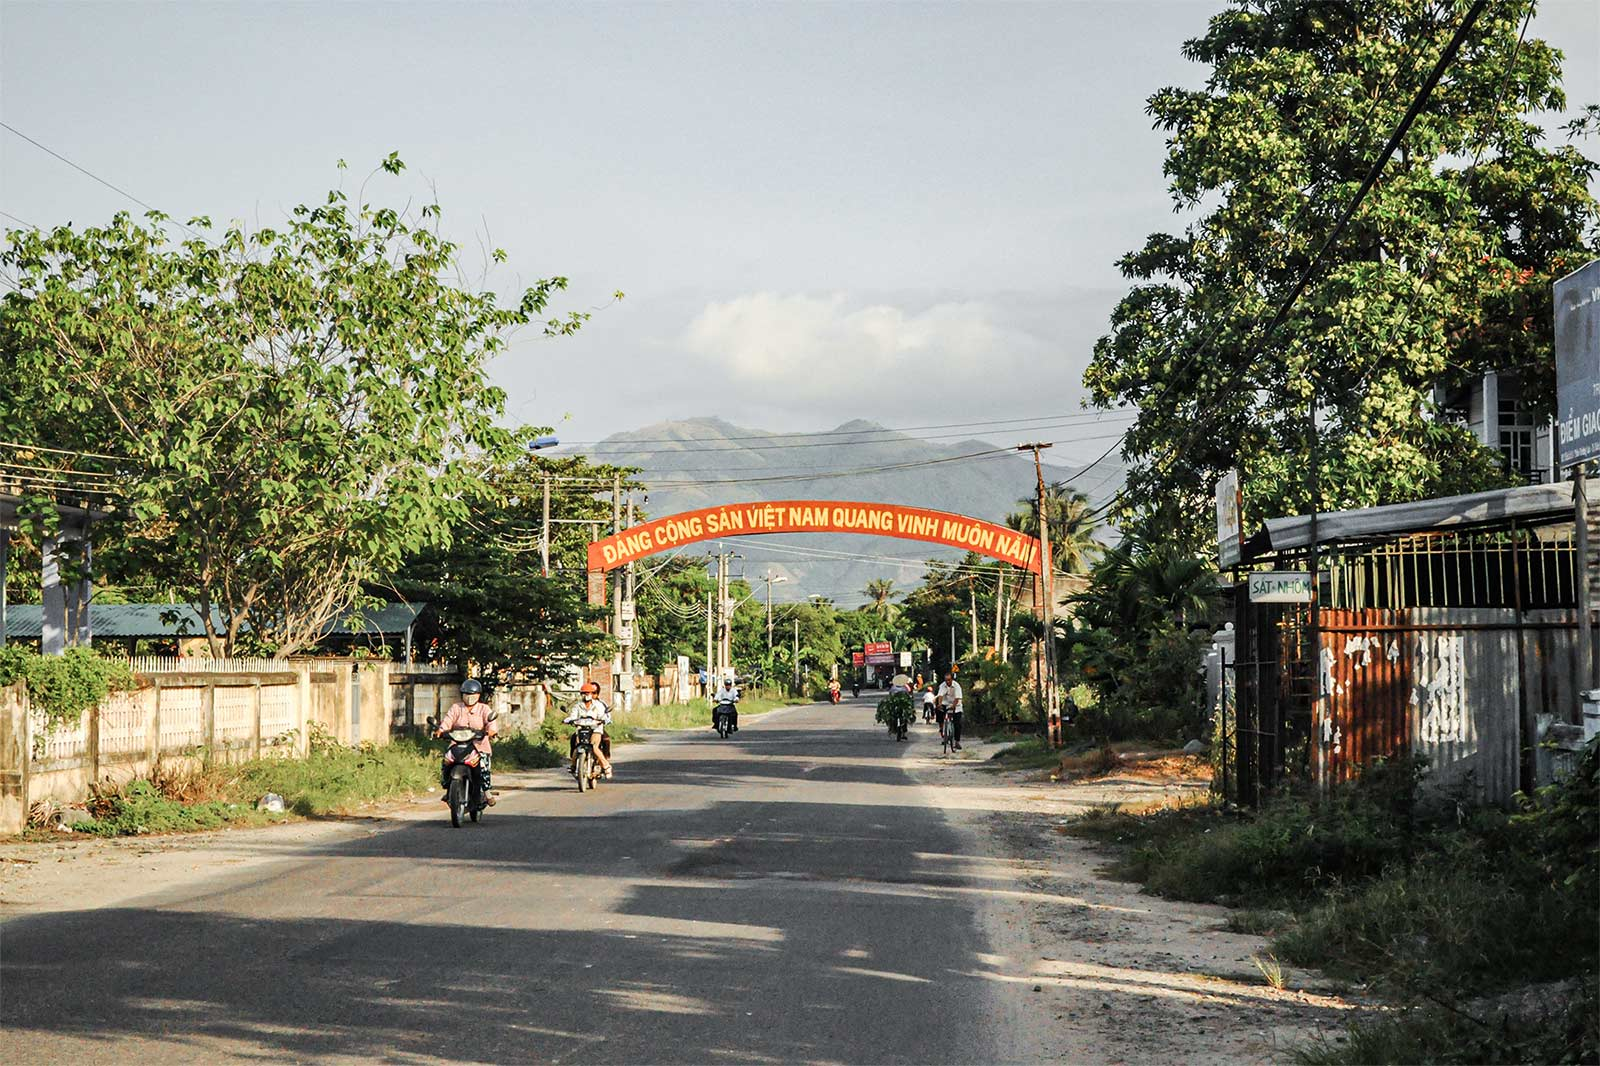 Im Bild ist eine Straße in Vietnam zu sehen. Vietnam ist eines der Nachbarländer von China.